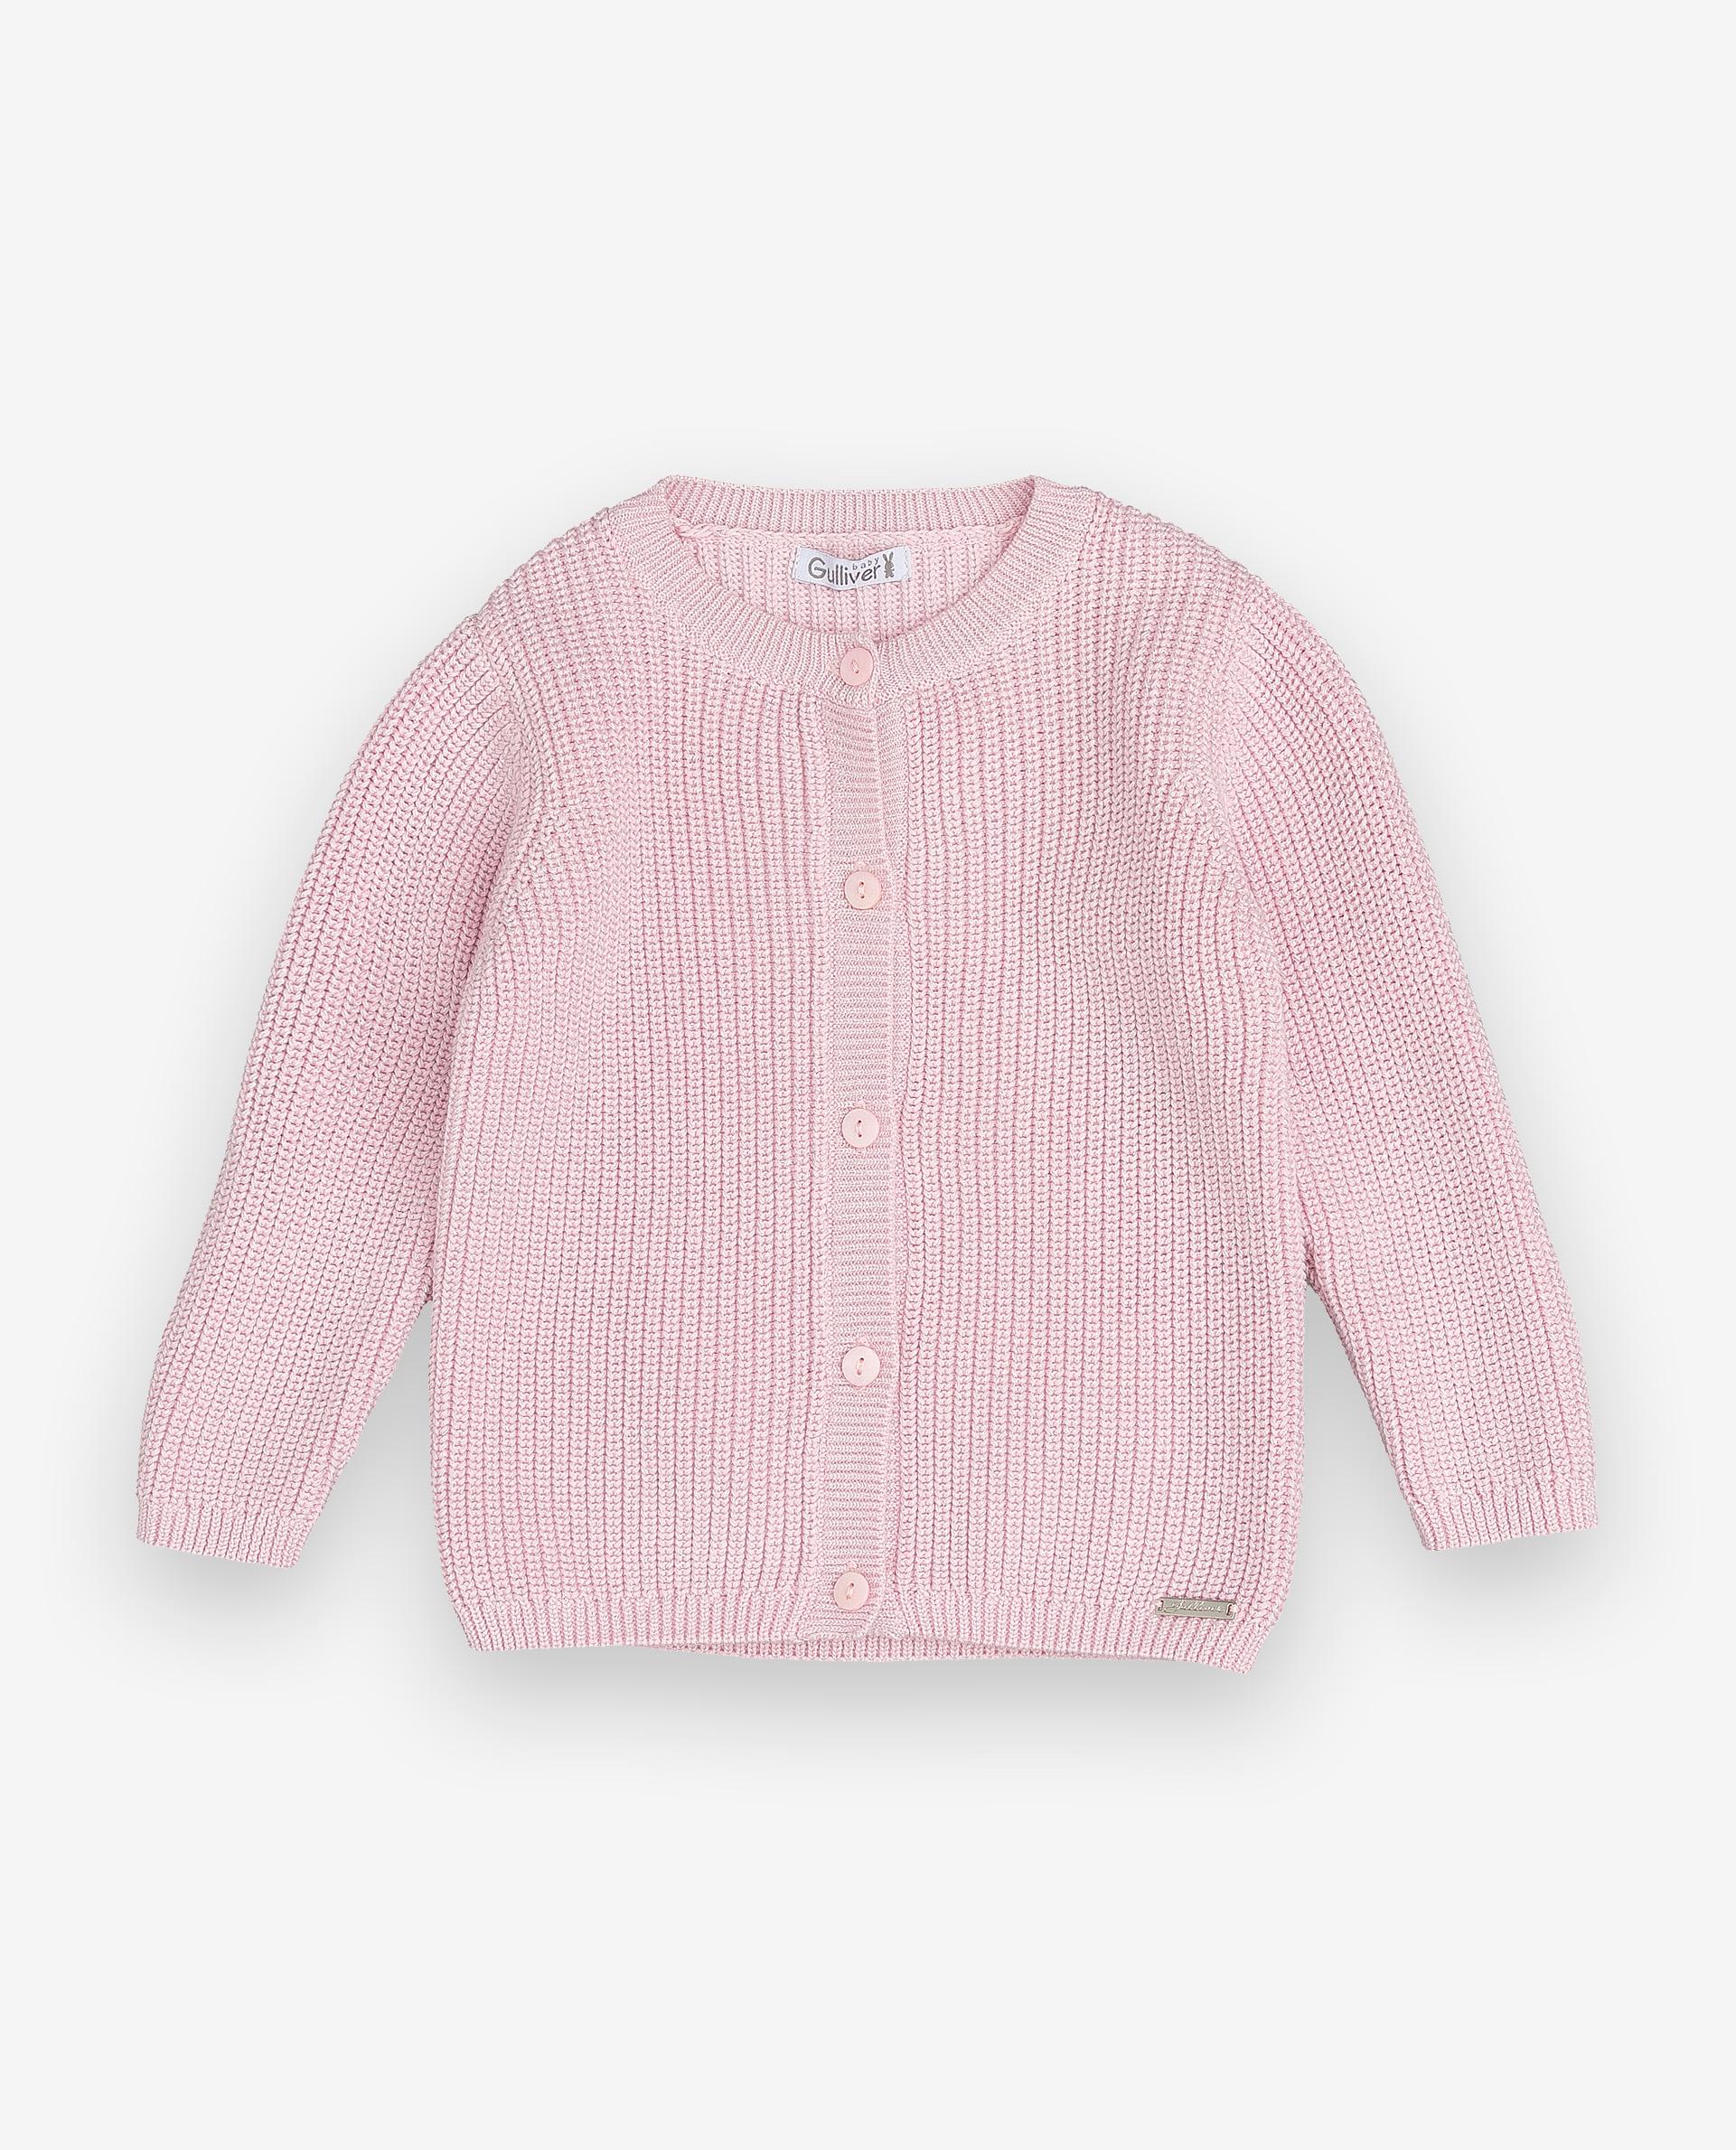 Купить 12031GBC3501, Кардиган для девочек Gulliver, цв. розовый, р.74, Кофточки, футболки для новорожденных